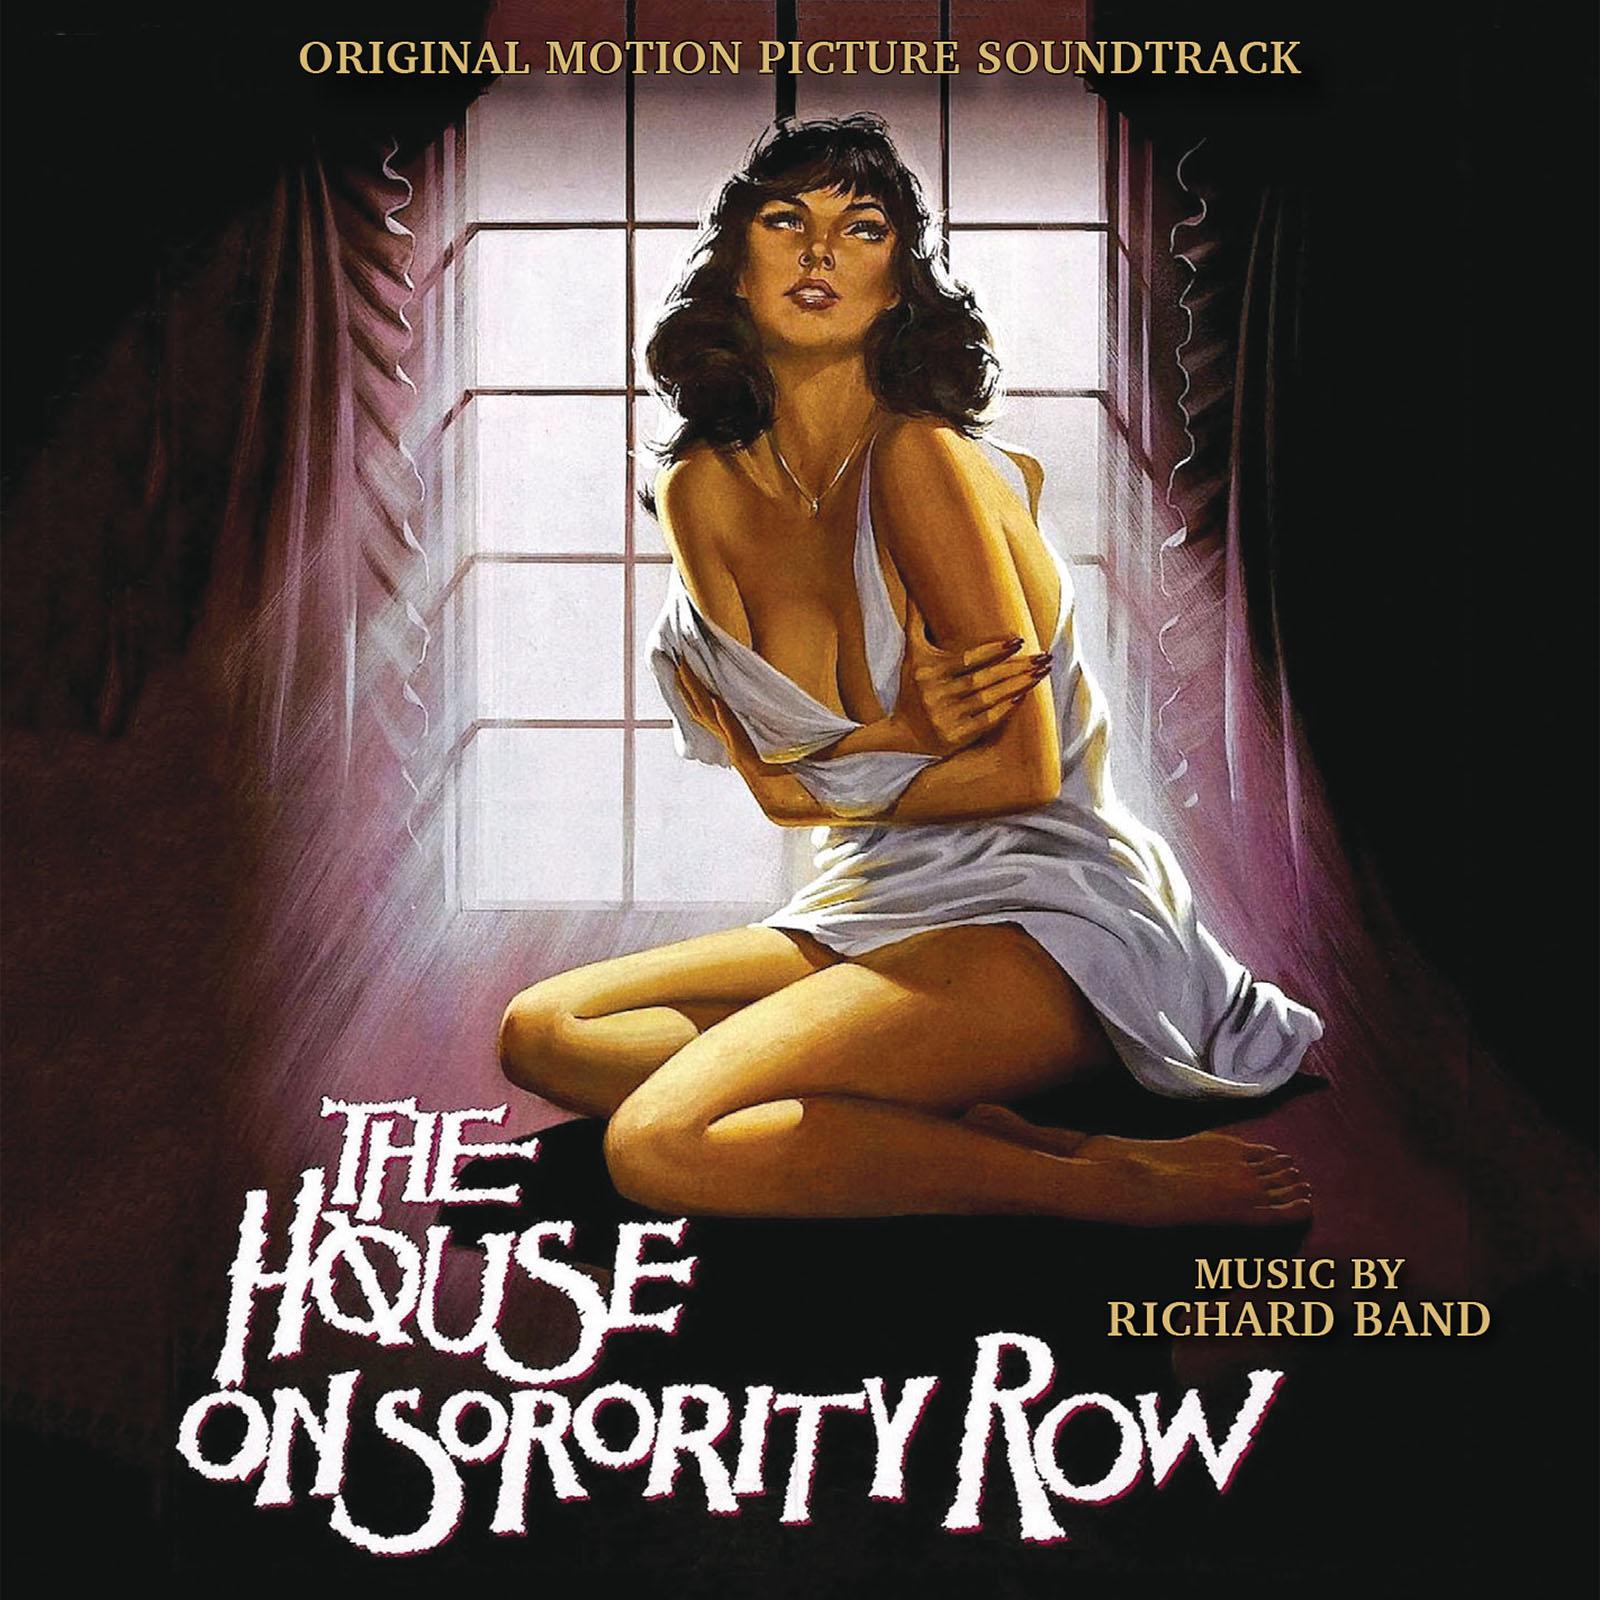 The House On Sorority Row   MAF 7046D  $21.95